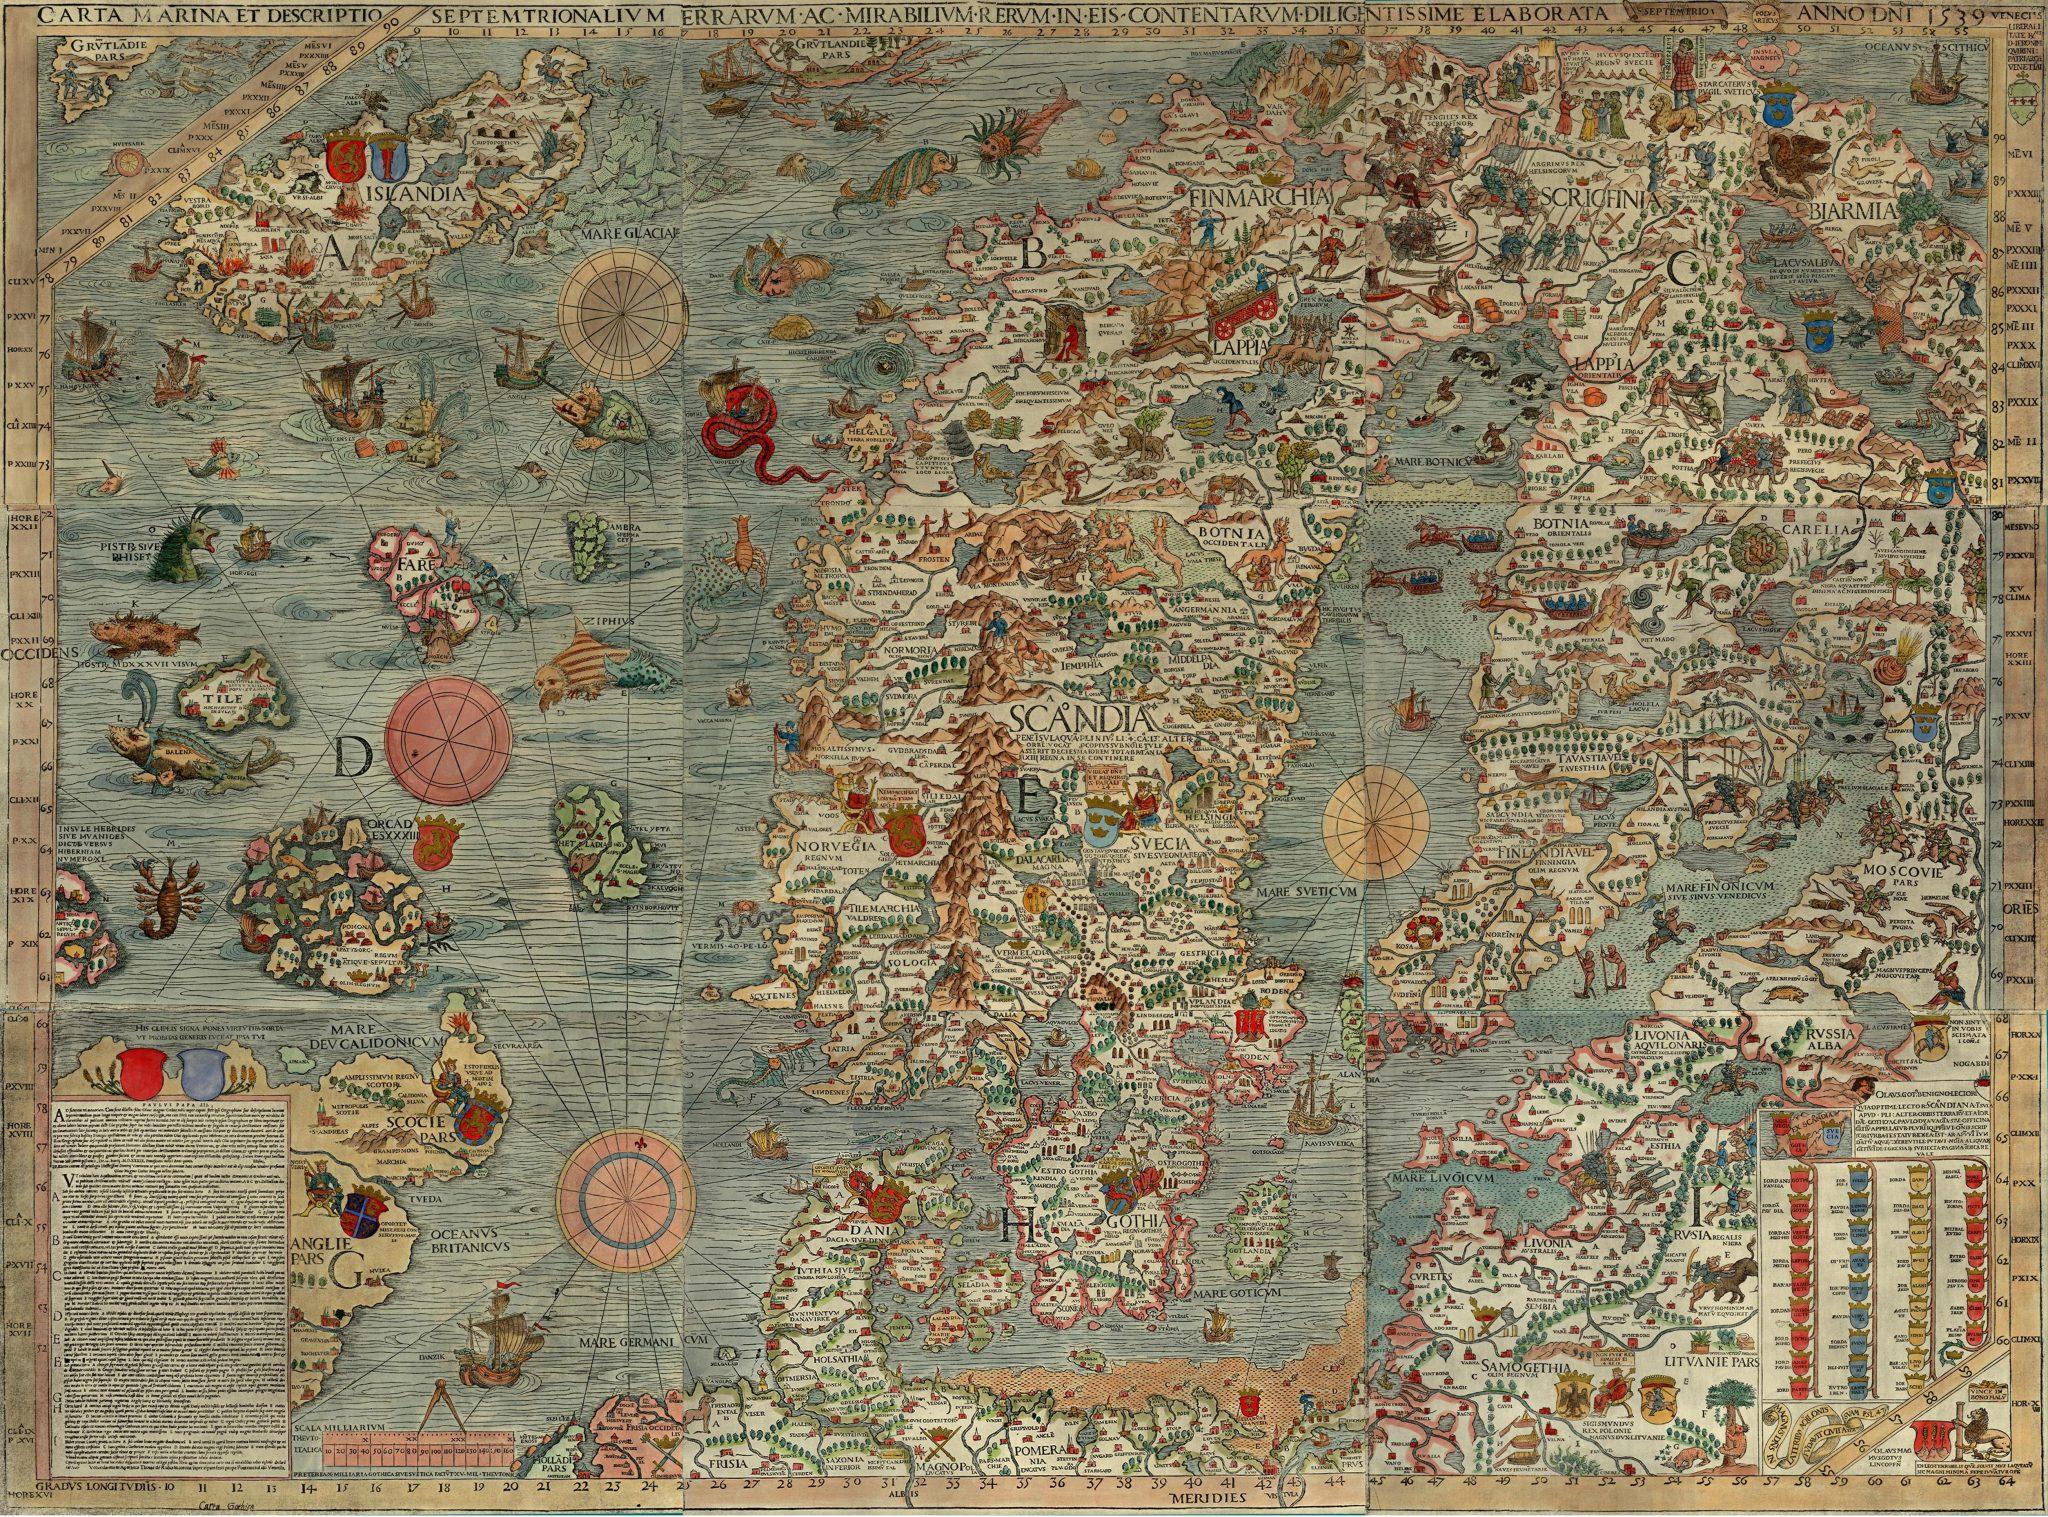 La Carta Marina es un mapa de Escandinavia de gran tamaño hecho por Olaus Magnus. La leyenda dice: «Un mapa marino y descripción de las tierras nórdicas y de sus maravillas, dibujado cuidadosamente en Venecia en el año 1539 con la generosa ayuda del honorabilísimo Señor Hieronymo Quirino».